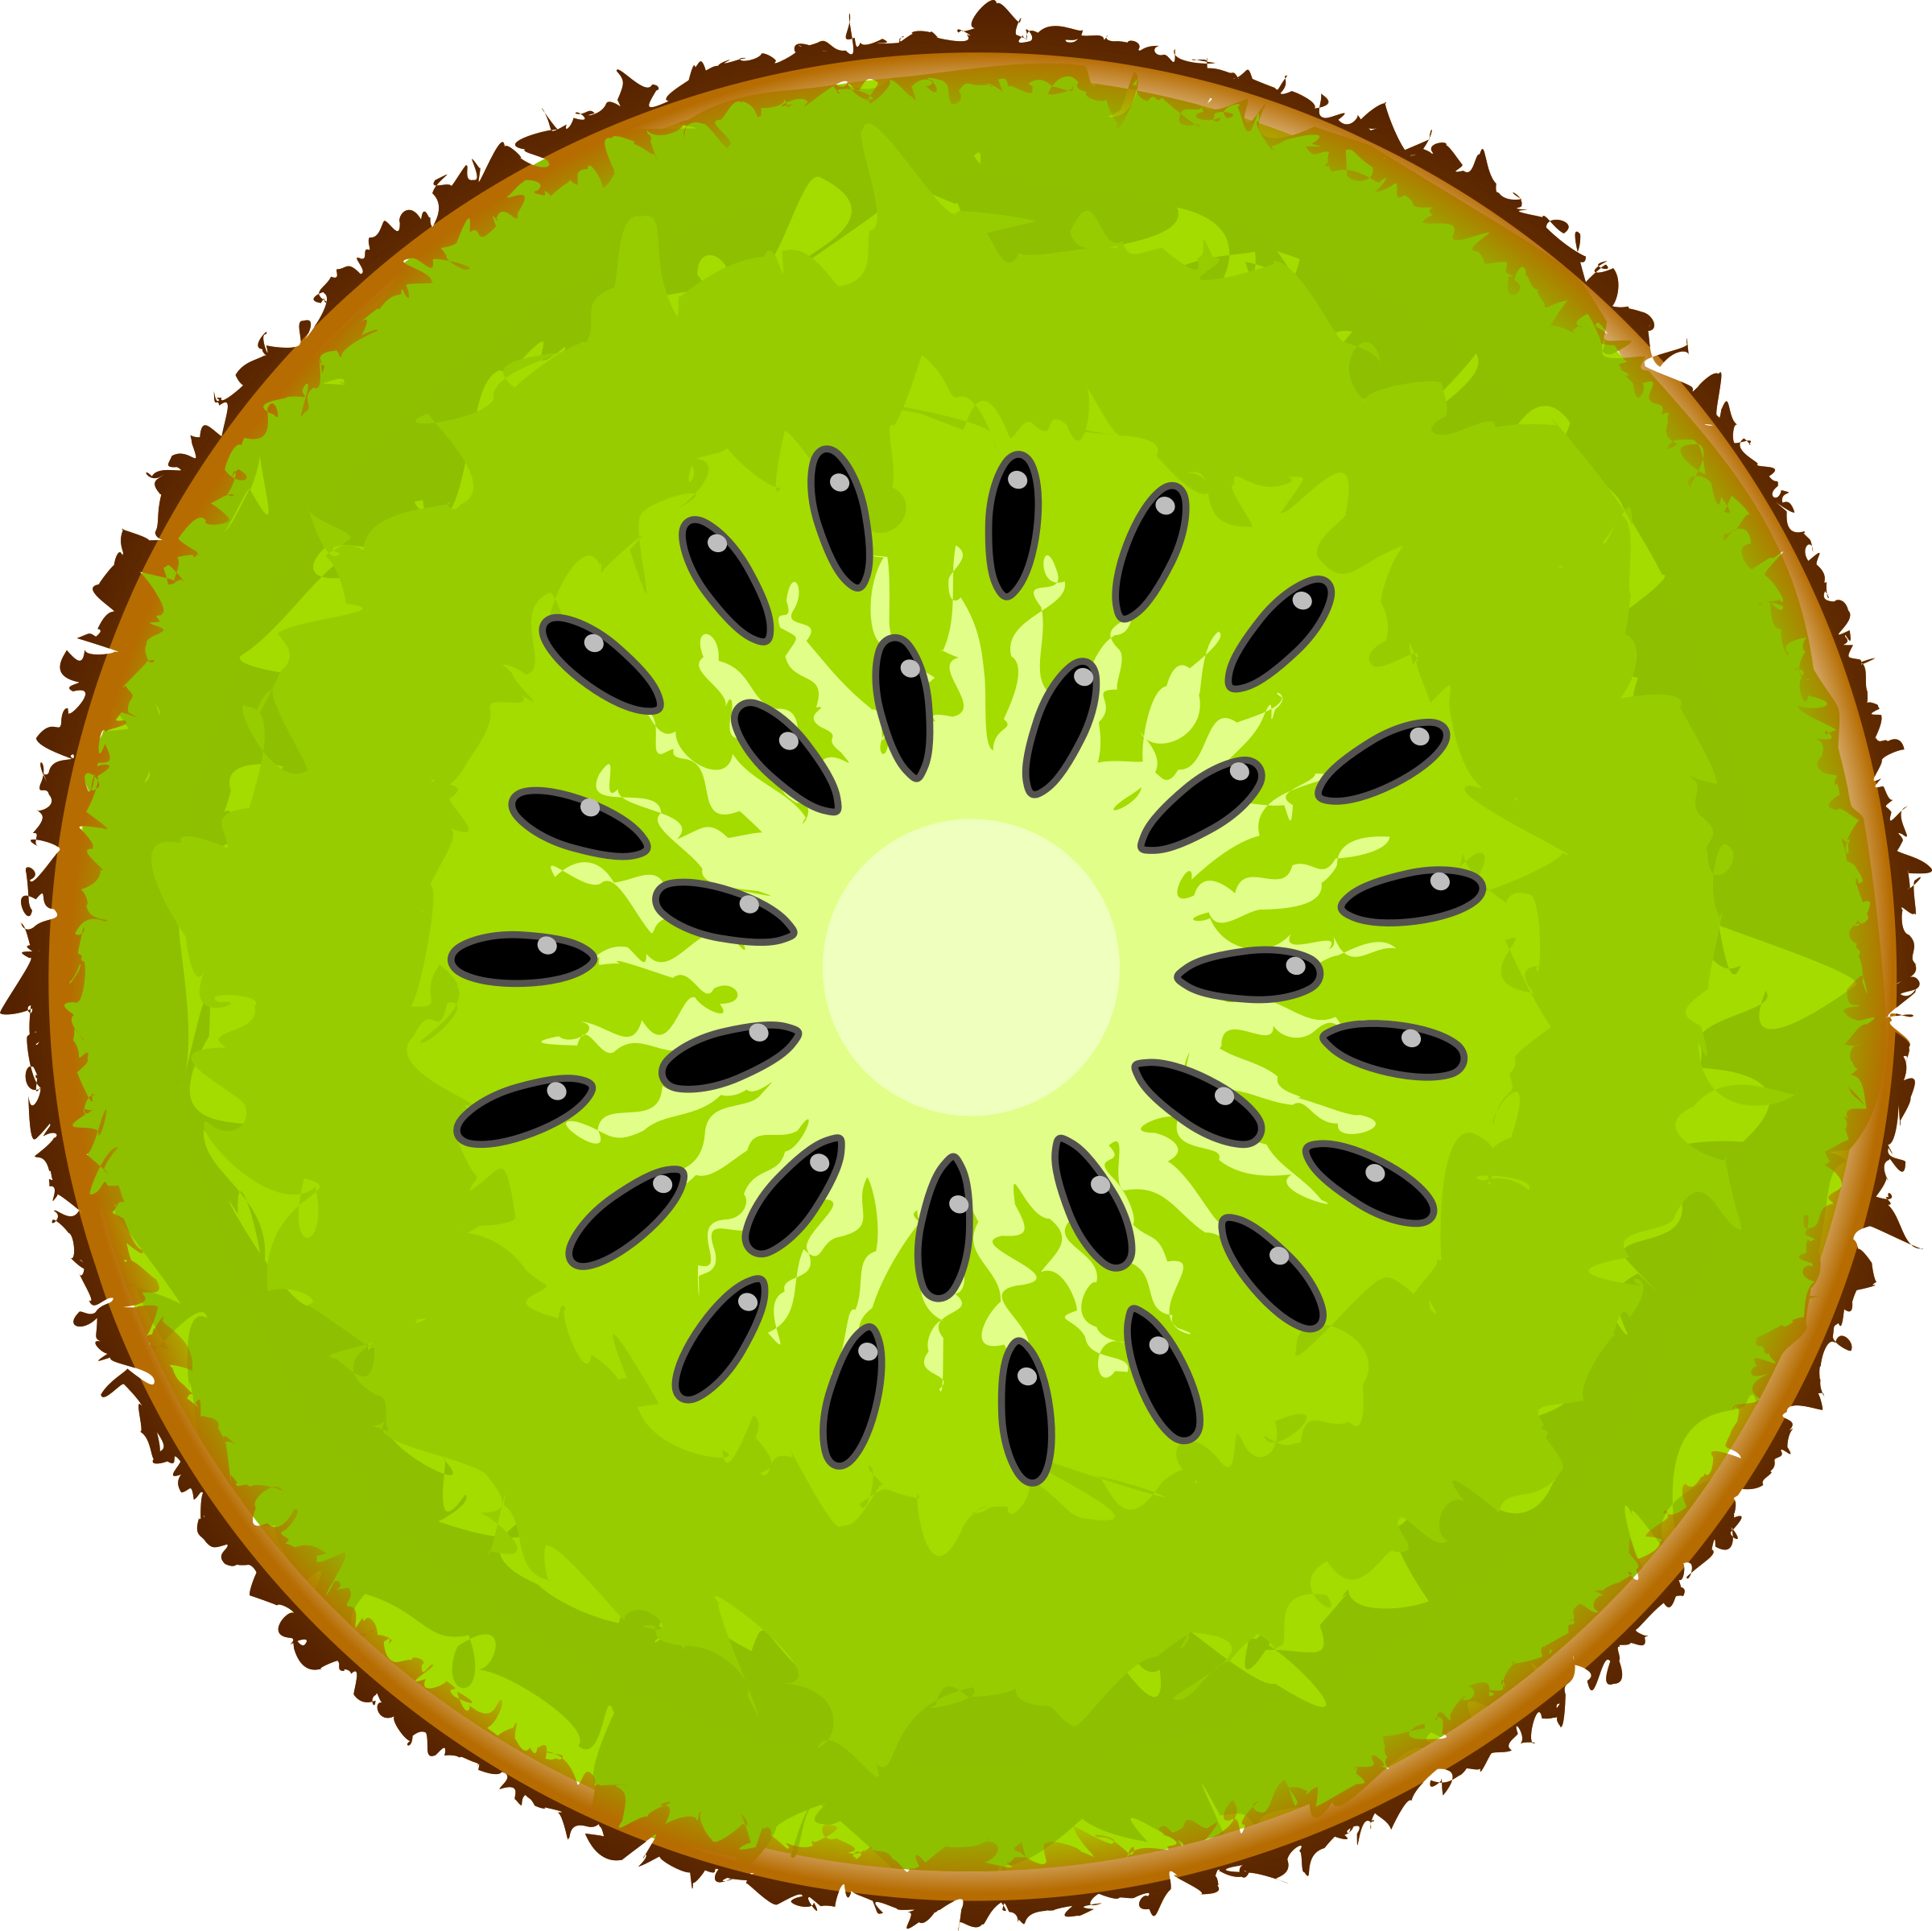 Kiwi Clipart Image Kiwi Fruit. Kiwi Slic-Kiwi Clipart Image Kiwi Fruit. Kiwi Slice PNG Image-11